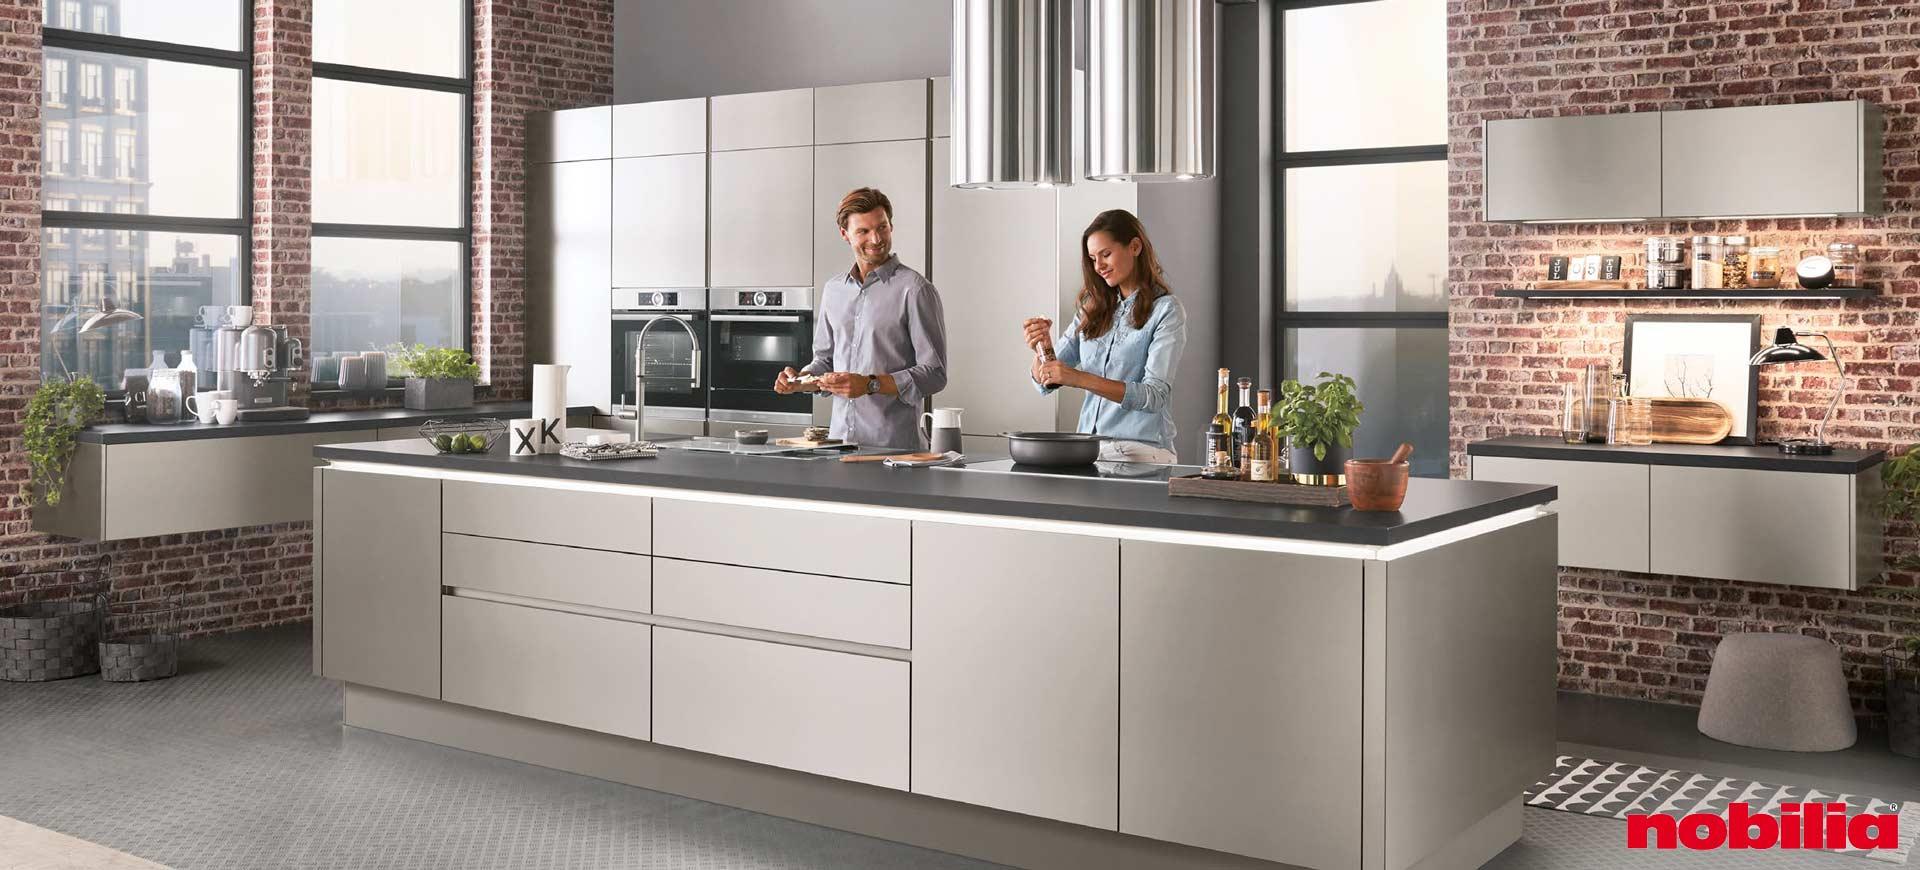 Möbel u. Küchen Reinecke – Möbel und Küchen in Delmenhorst nahe Bremen